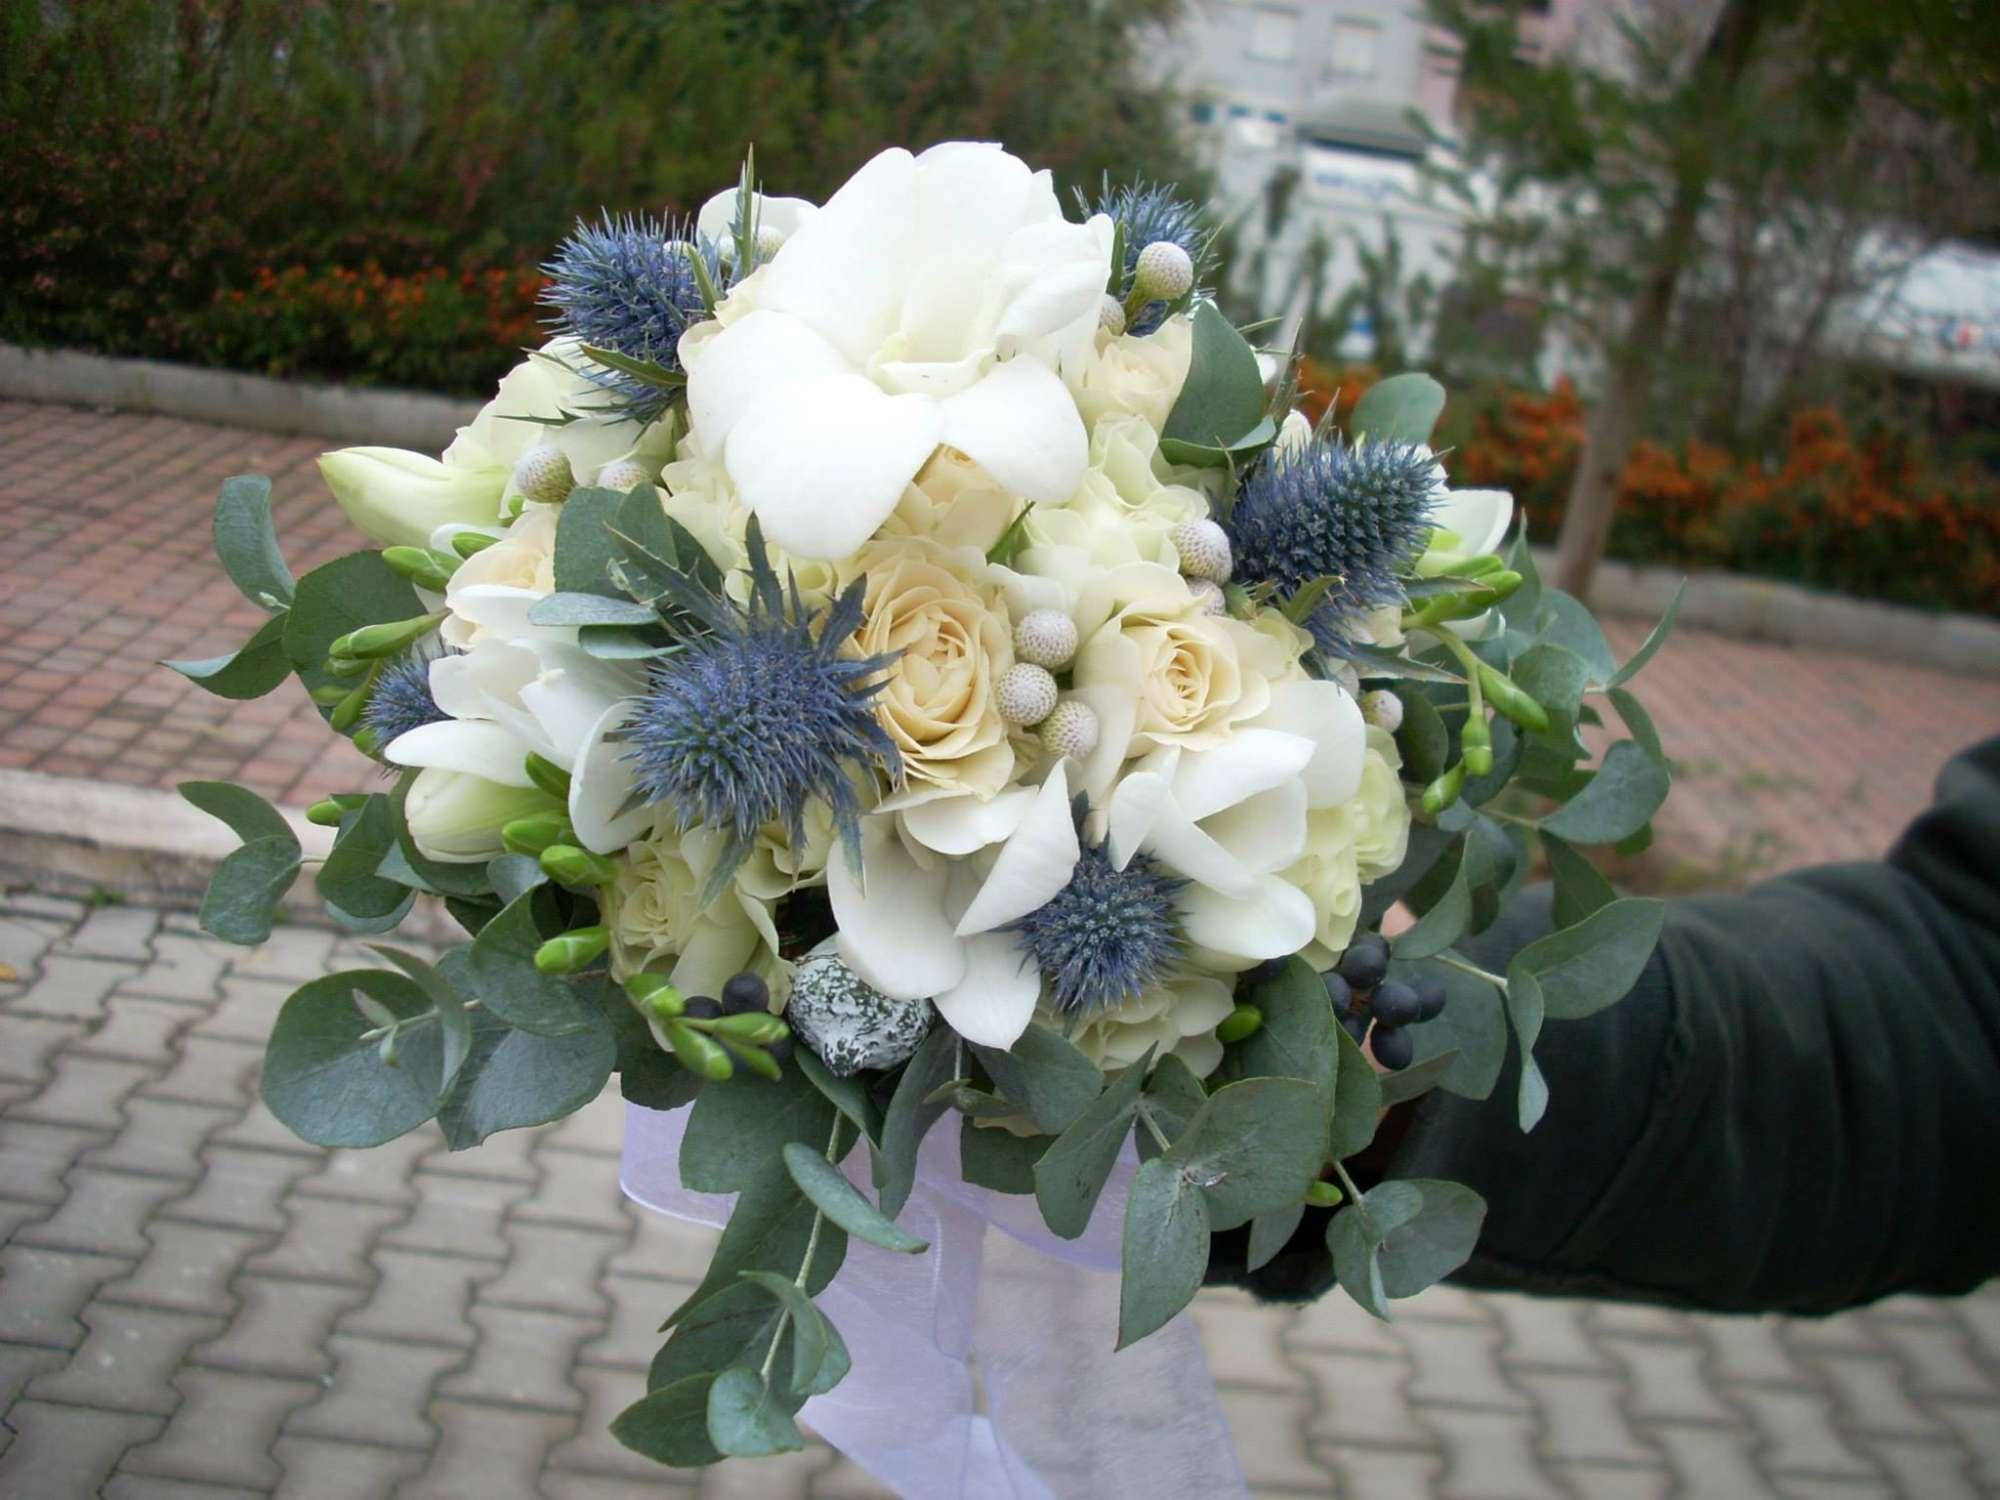 Addobbi floreali matrimonio free addobbo chiesa romantico con ortensie e rose bianche verde - Composizioni floreali per tavoli ...